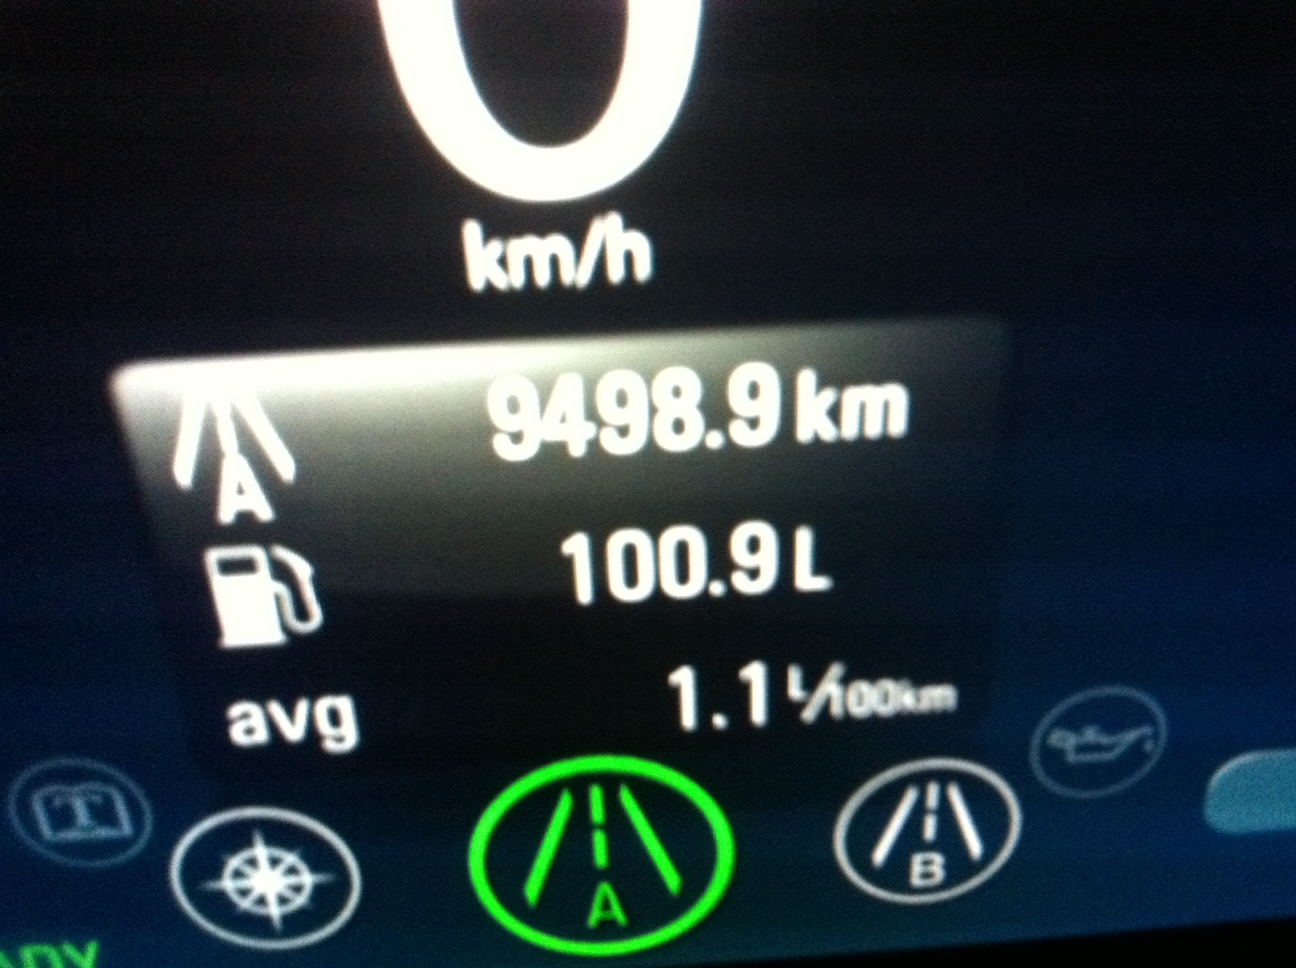 Wer braucht weniger? Hendrik fur seinen Ampera im Dauerbetrieb mit 1,1 Liter auf 100 km.